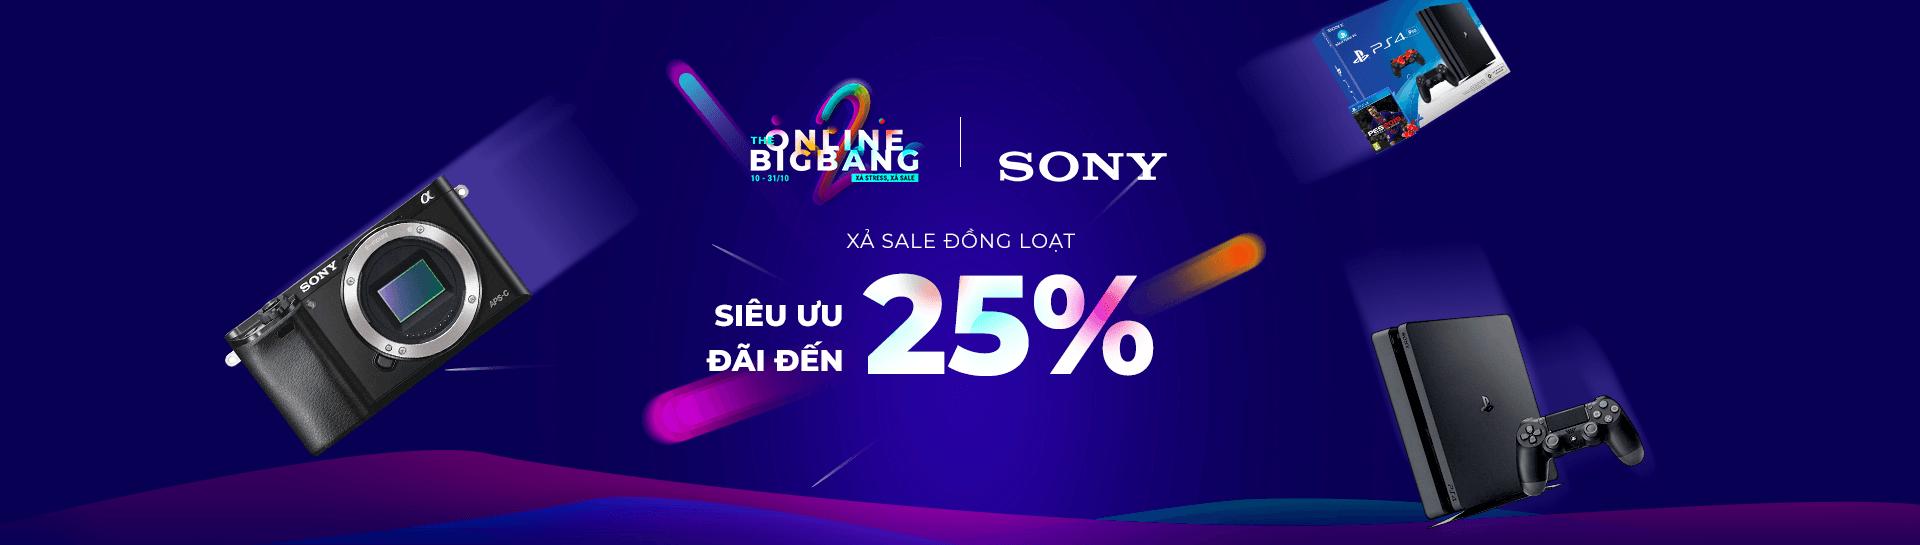 Hình ảnh Sony - Siêu ưu đãi đến 45% - Cam Kết Giá Tốt